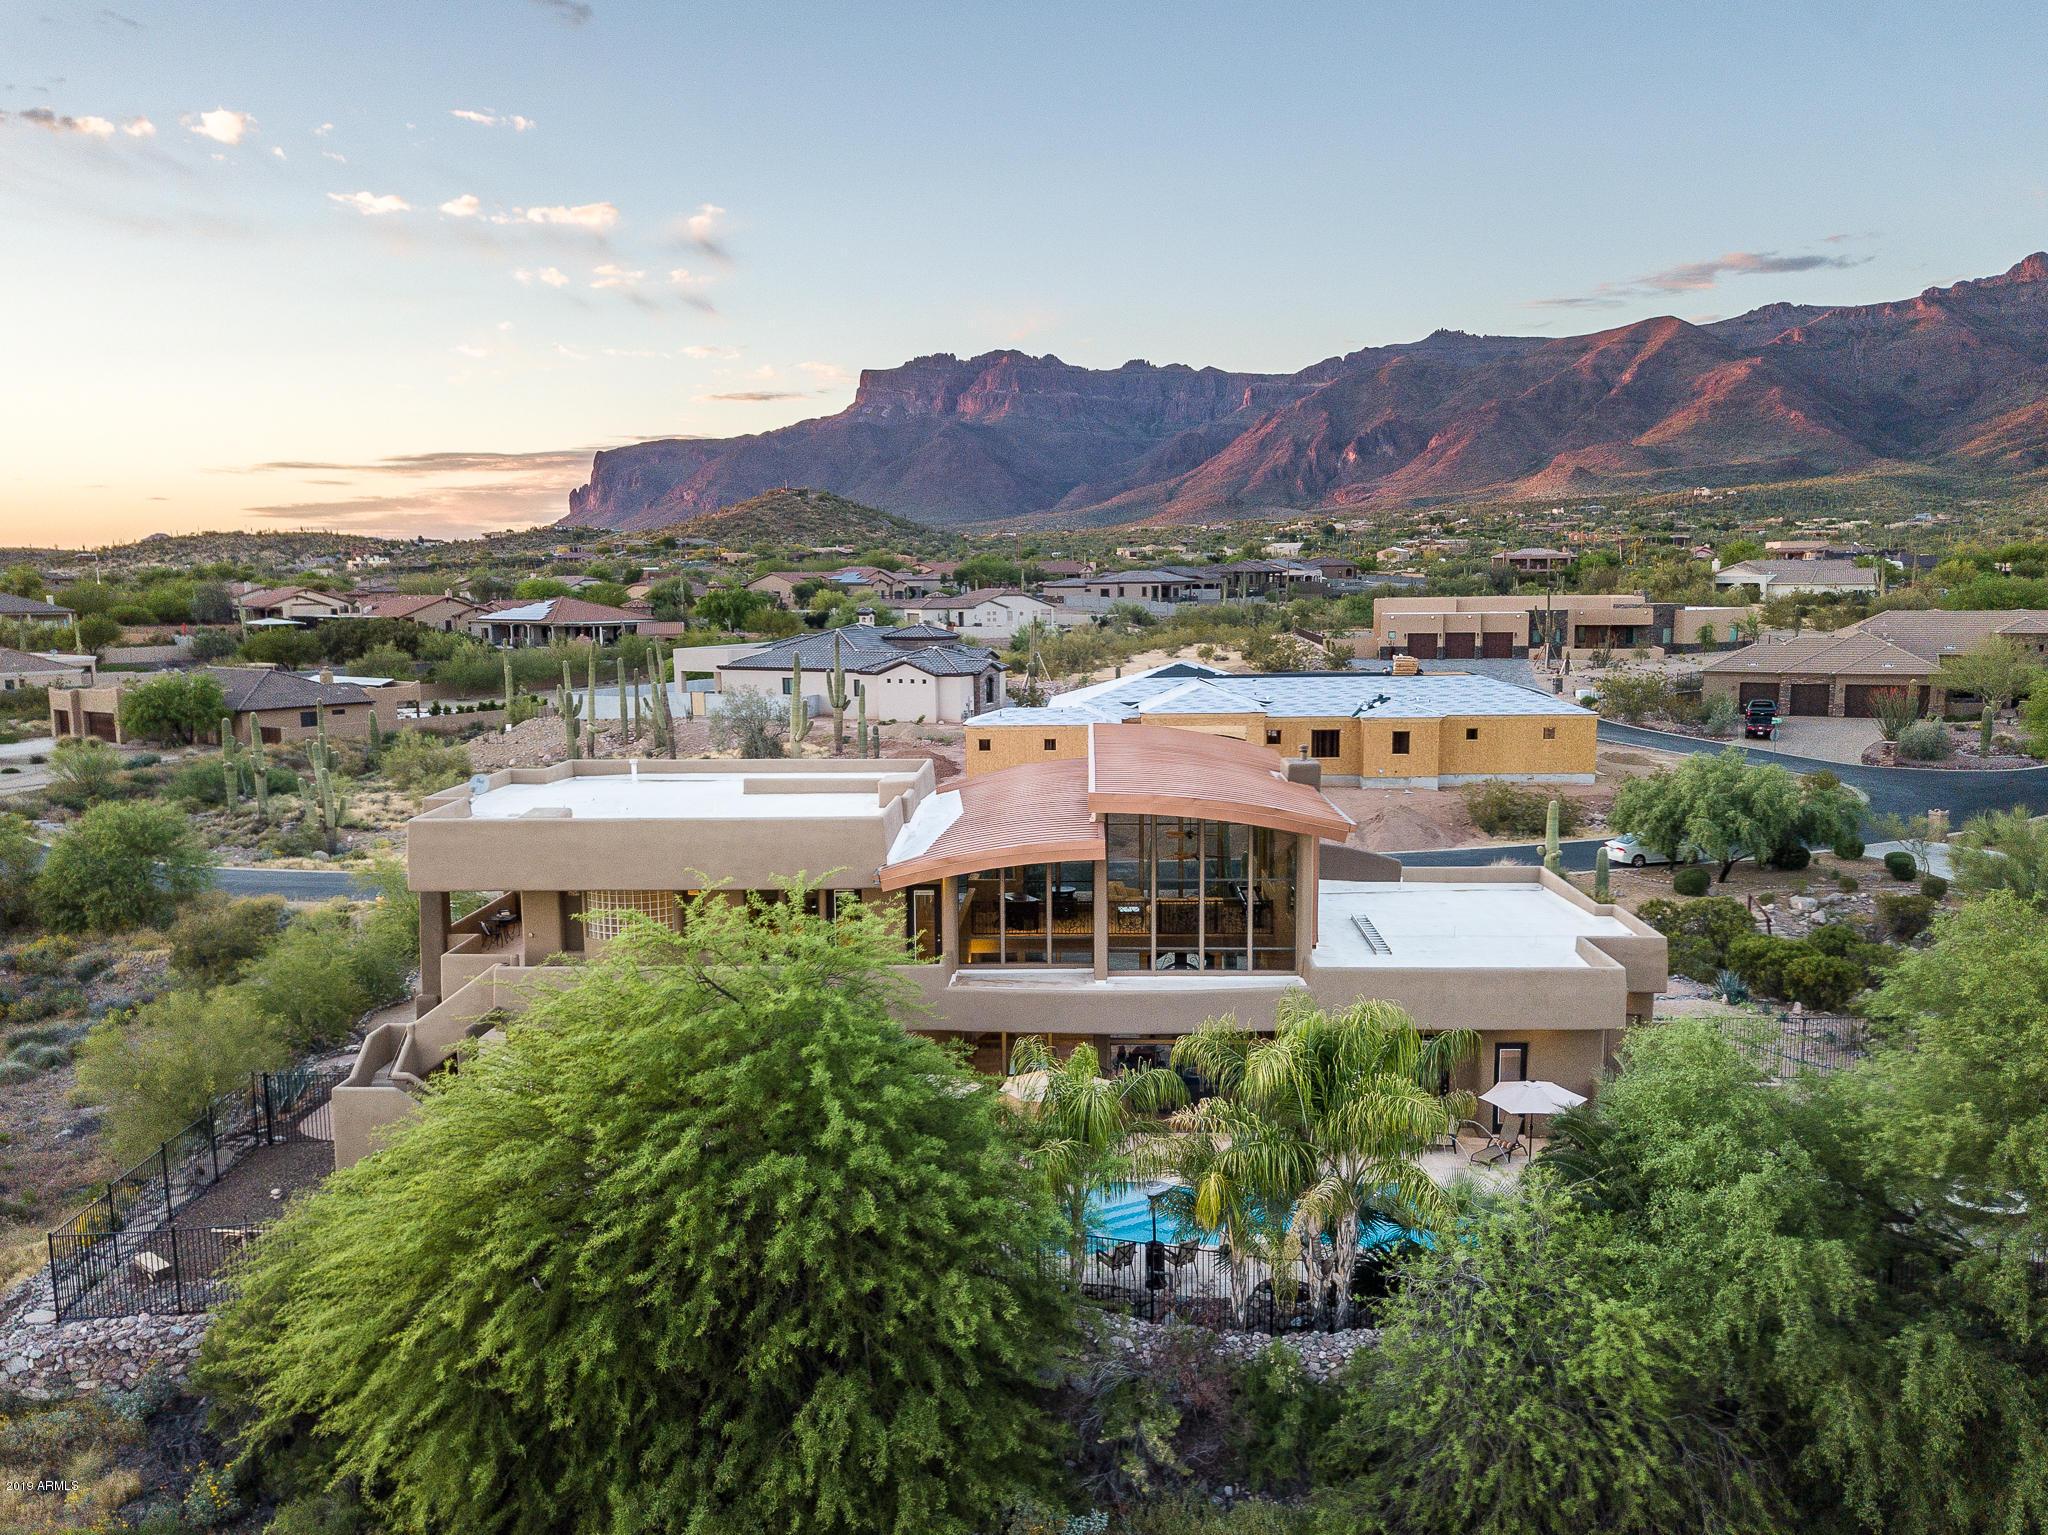 MLS 5915614 10755 E WALKING STICK Way, Gold Canyon, AZ 85118 Gold Canyon AZ Gated